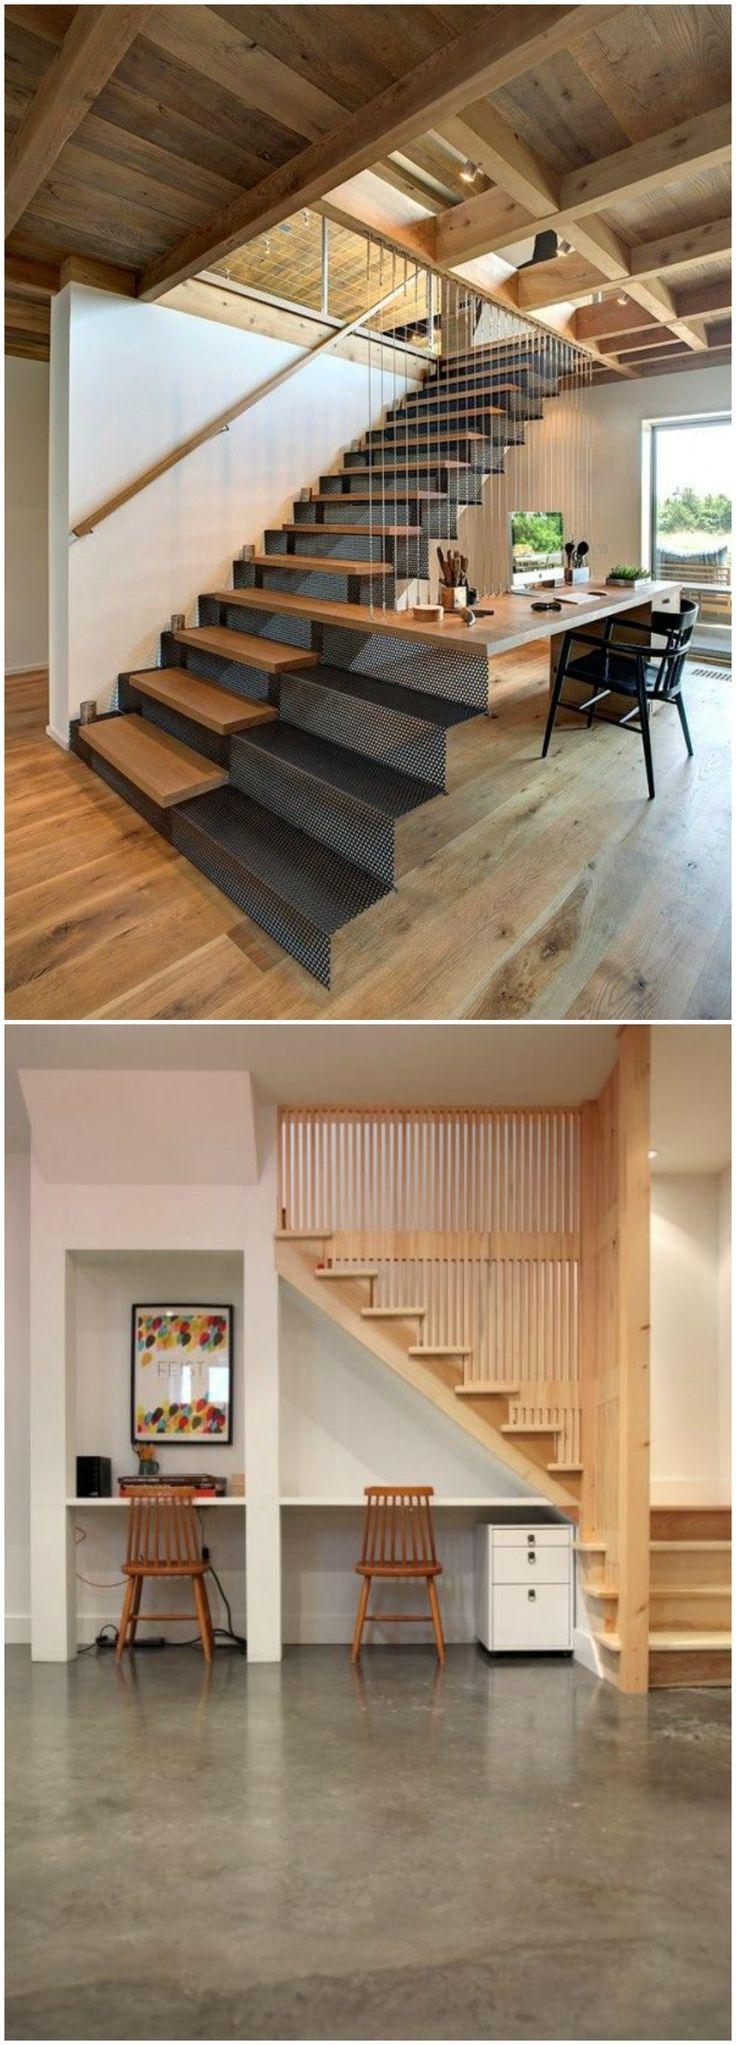 Las 25 mejores ideas sobre entrepiso en pinterest for Imagenes escaleras interiores